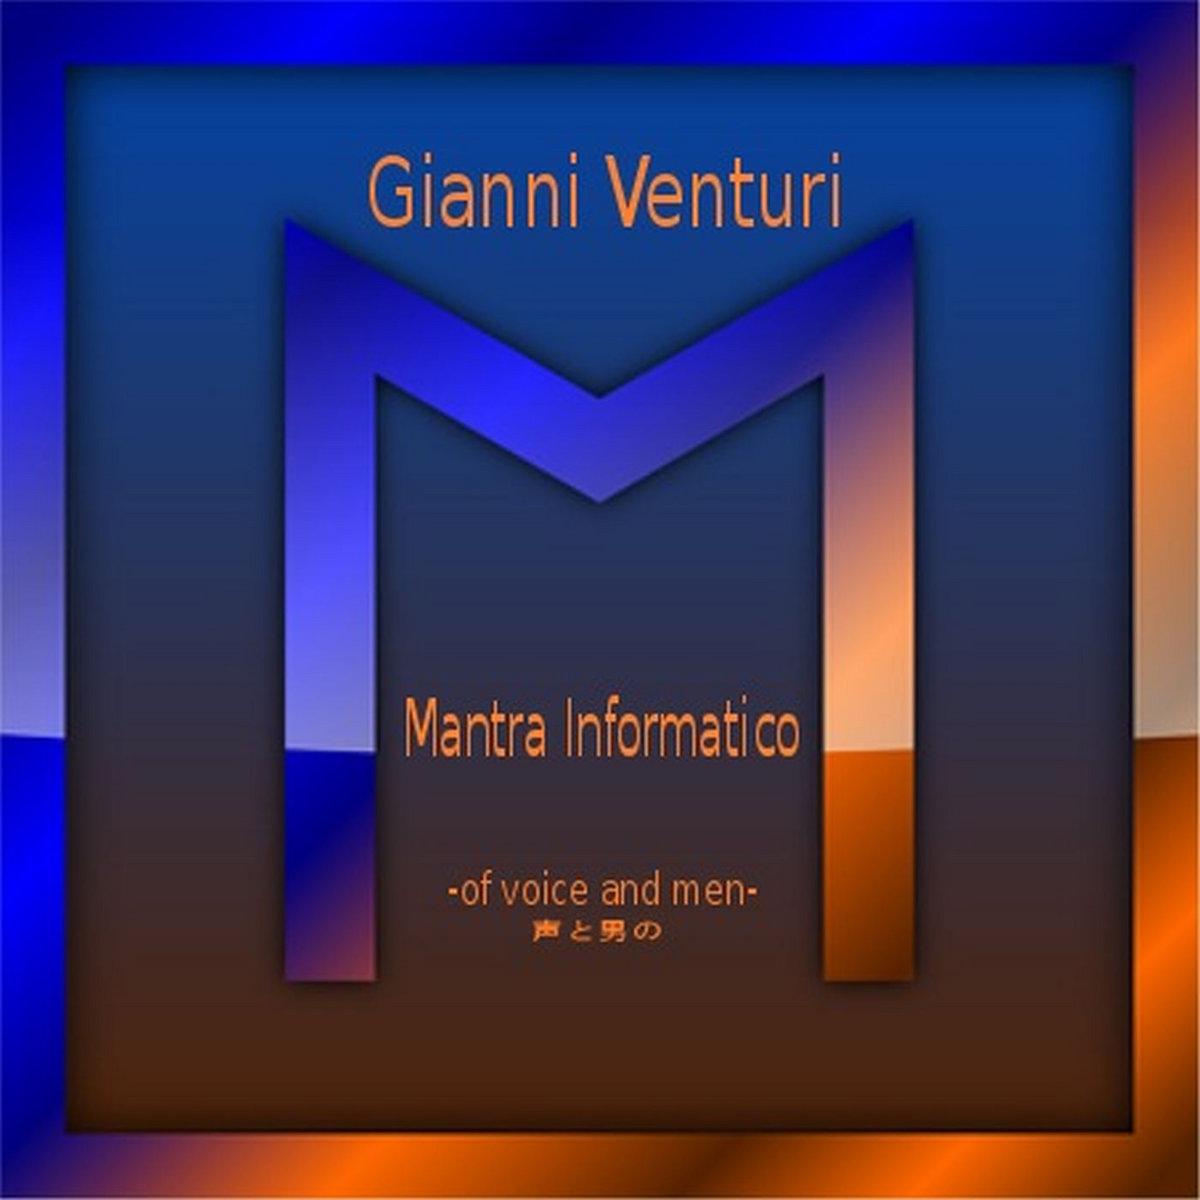 Si Stende Sul Desco.Mantra Informatico Of Voice And Men 声と男の Gianni Venturi